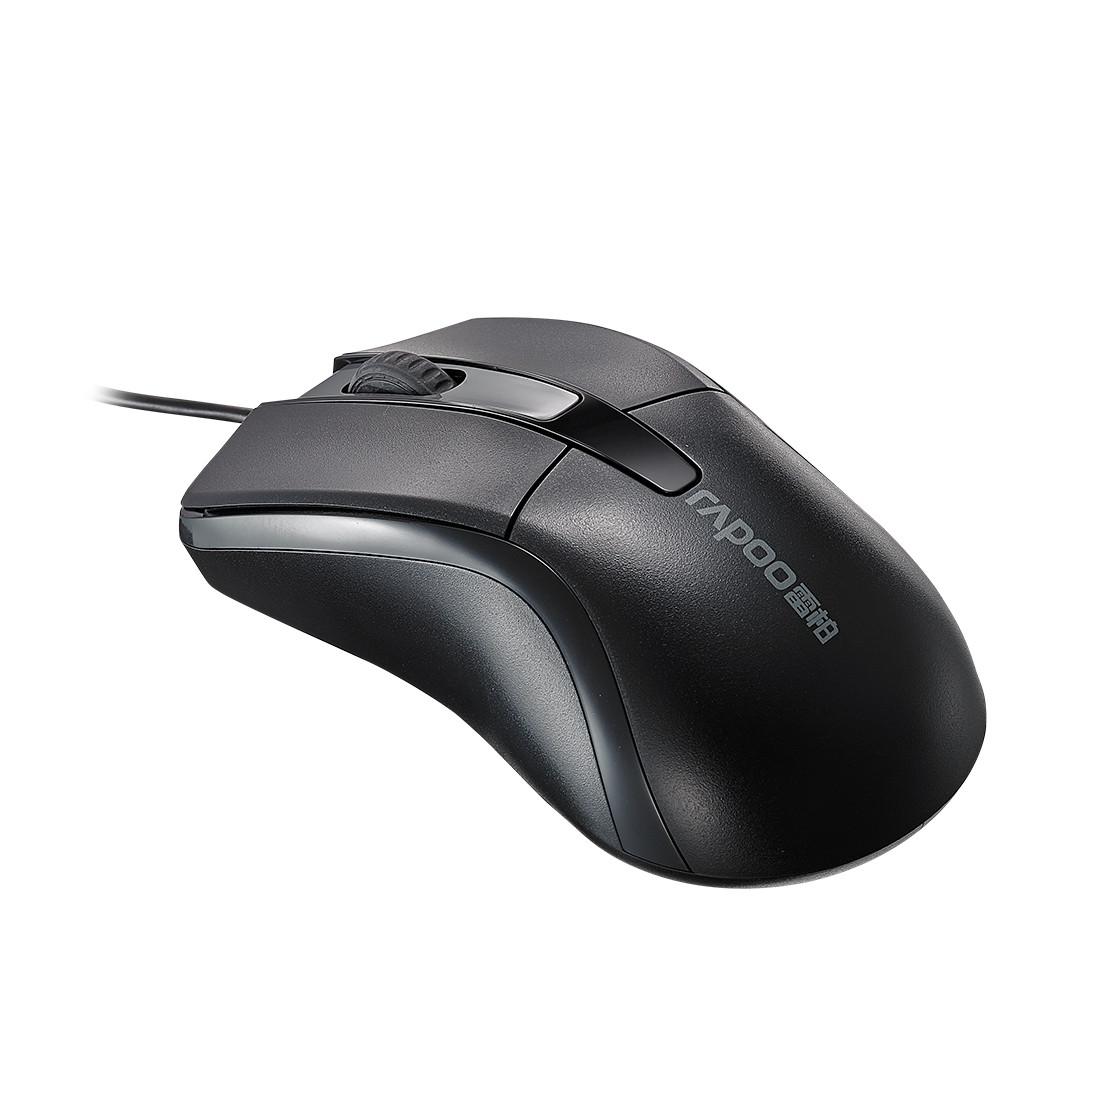 Компьютерная мышь, Rapoo, N1162 , 3D, Оптическая, 1000dpi, USB, Длина кабеля 1,6 метра, Чёрный